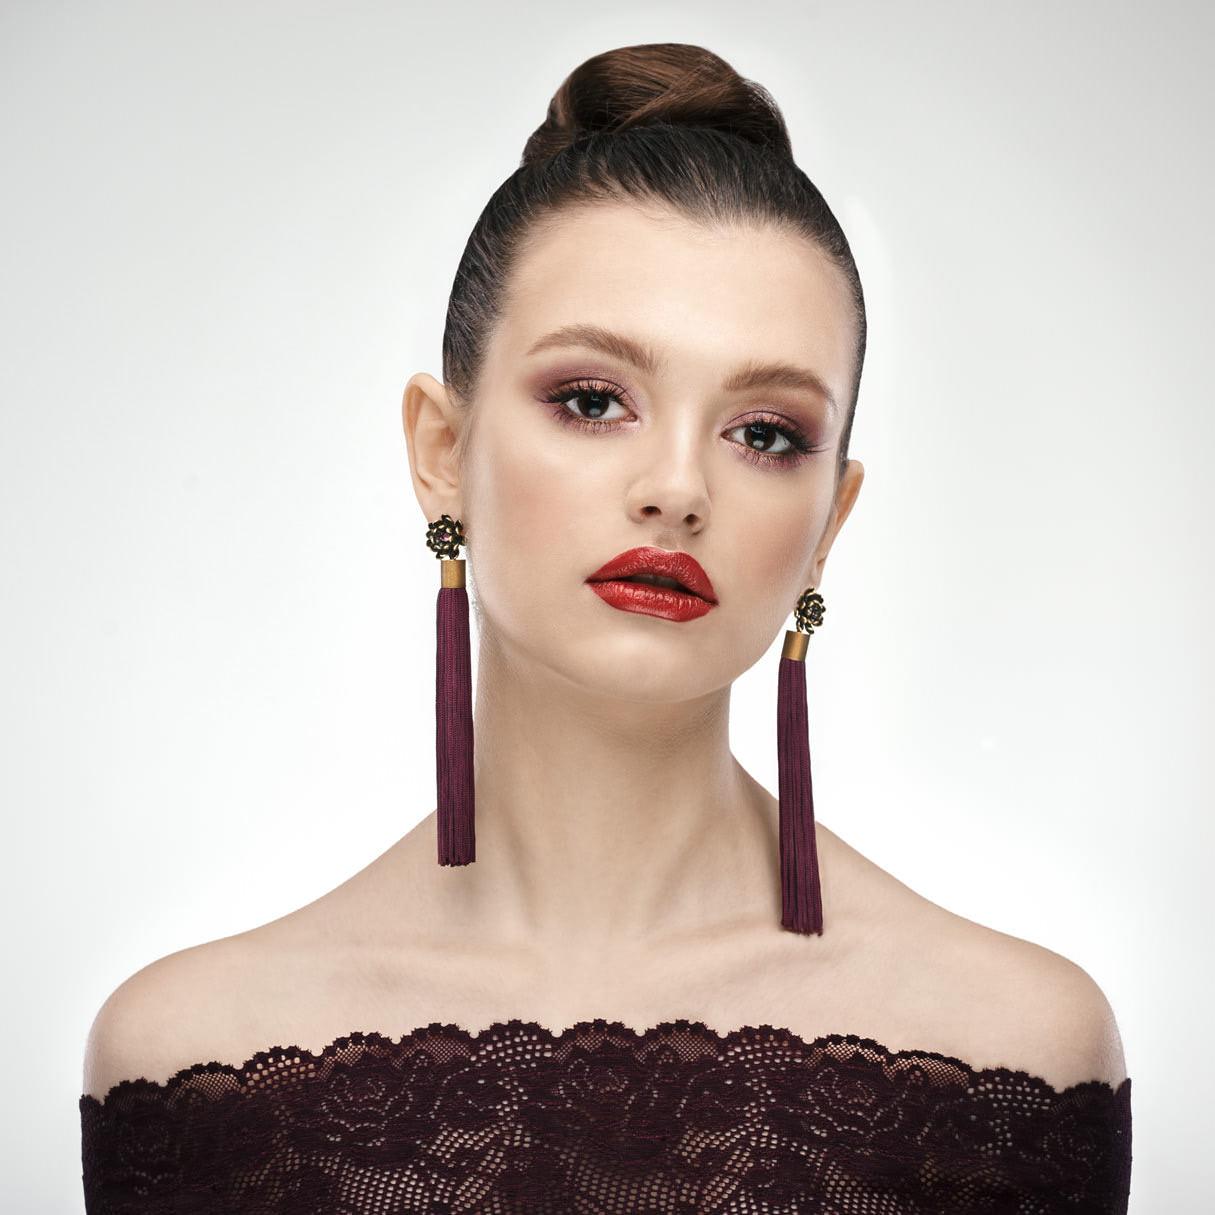 Портрет девушки с макияжем и украшениями на белом фоне, профессиональная студийная фотосессия в Минске